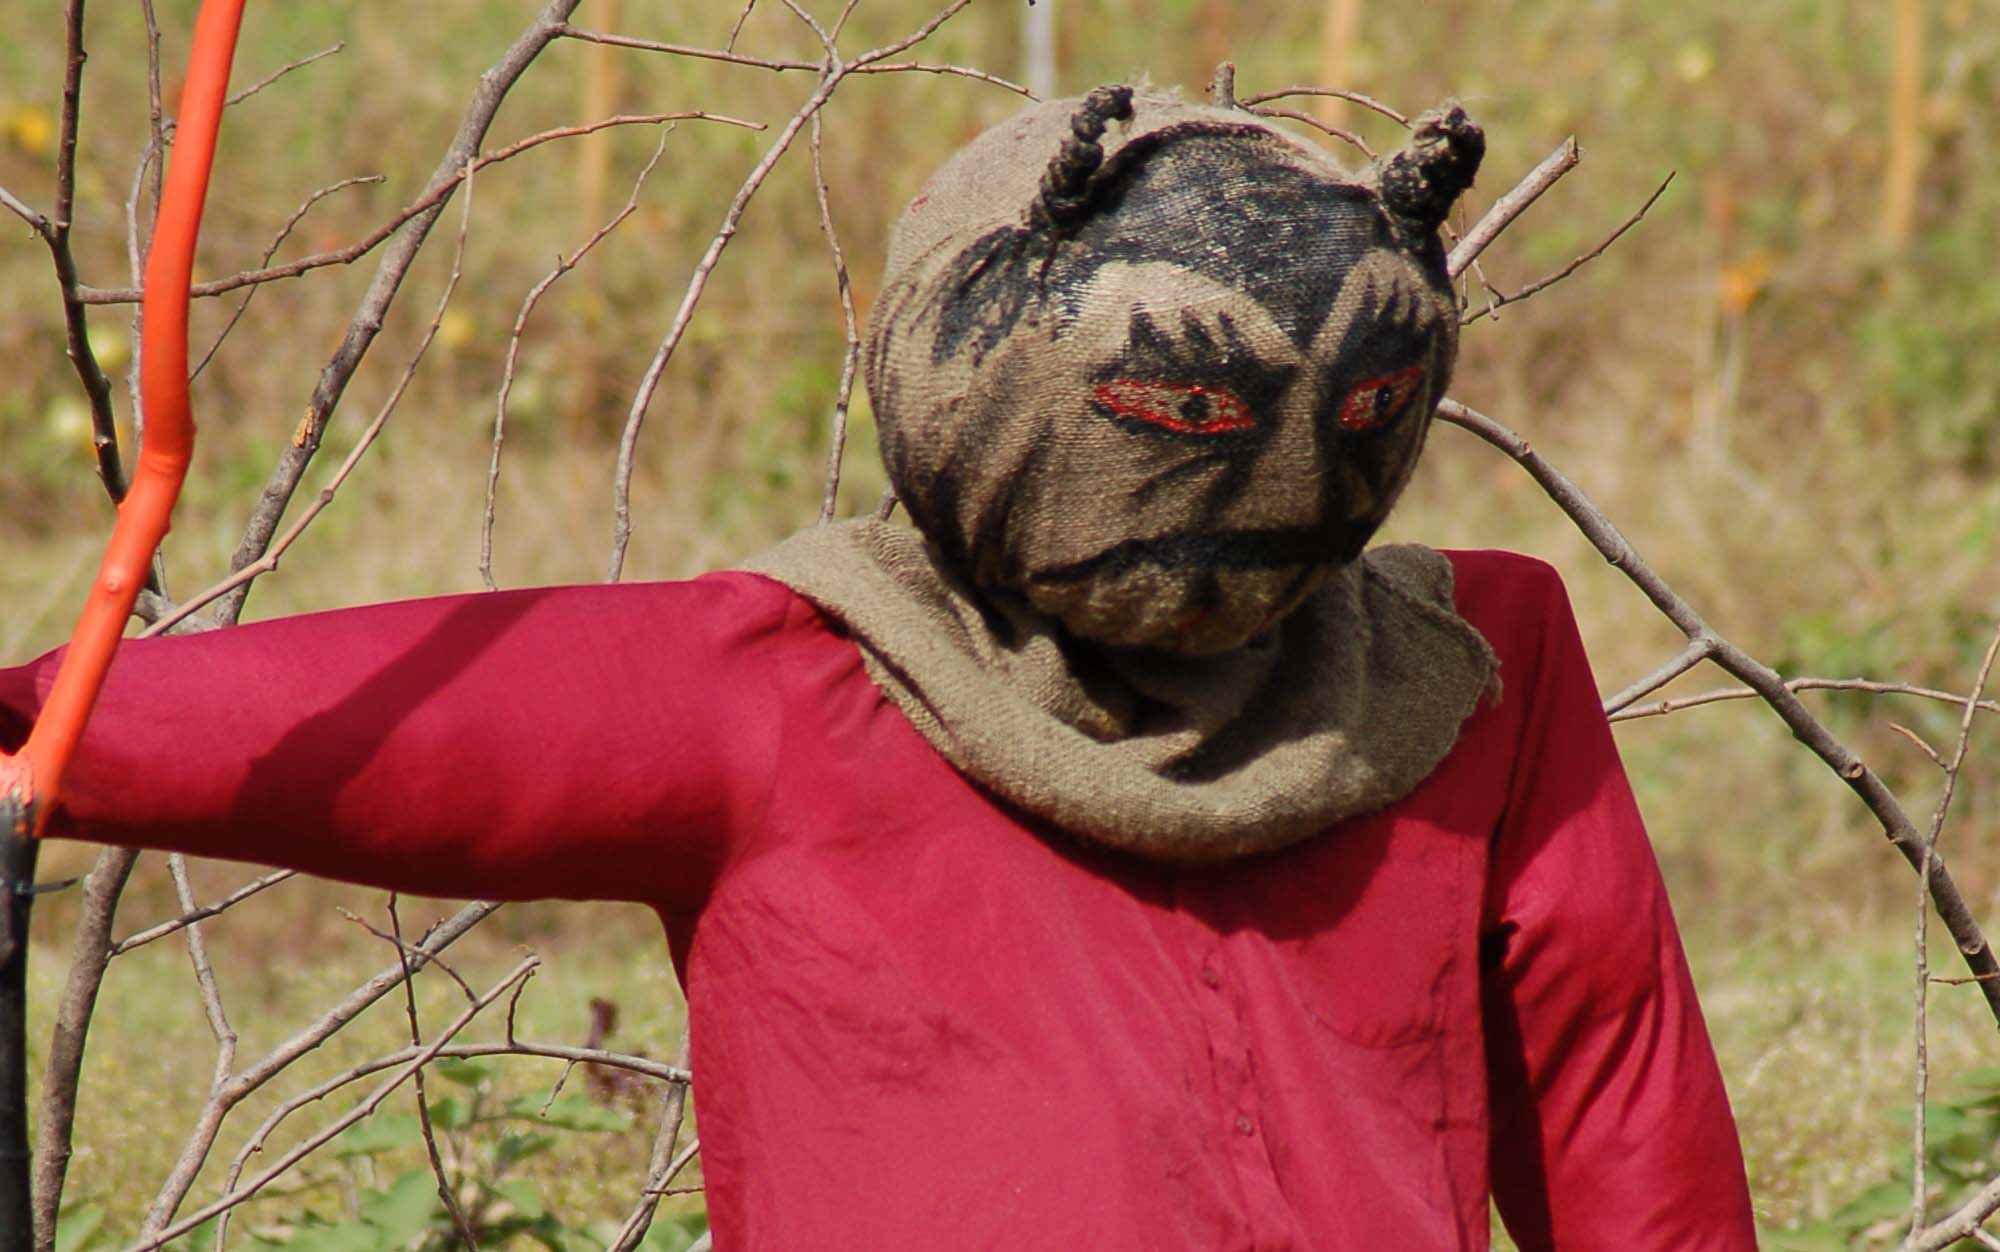 Werewolf scarecrow